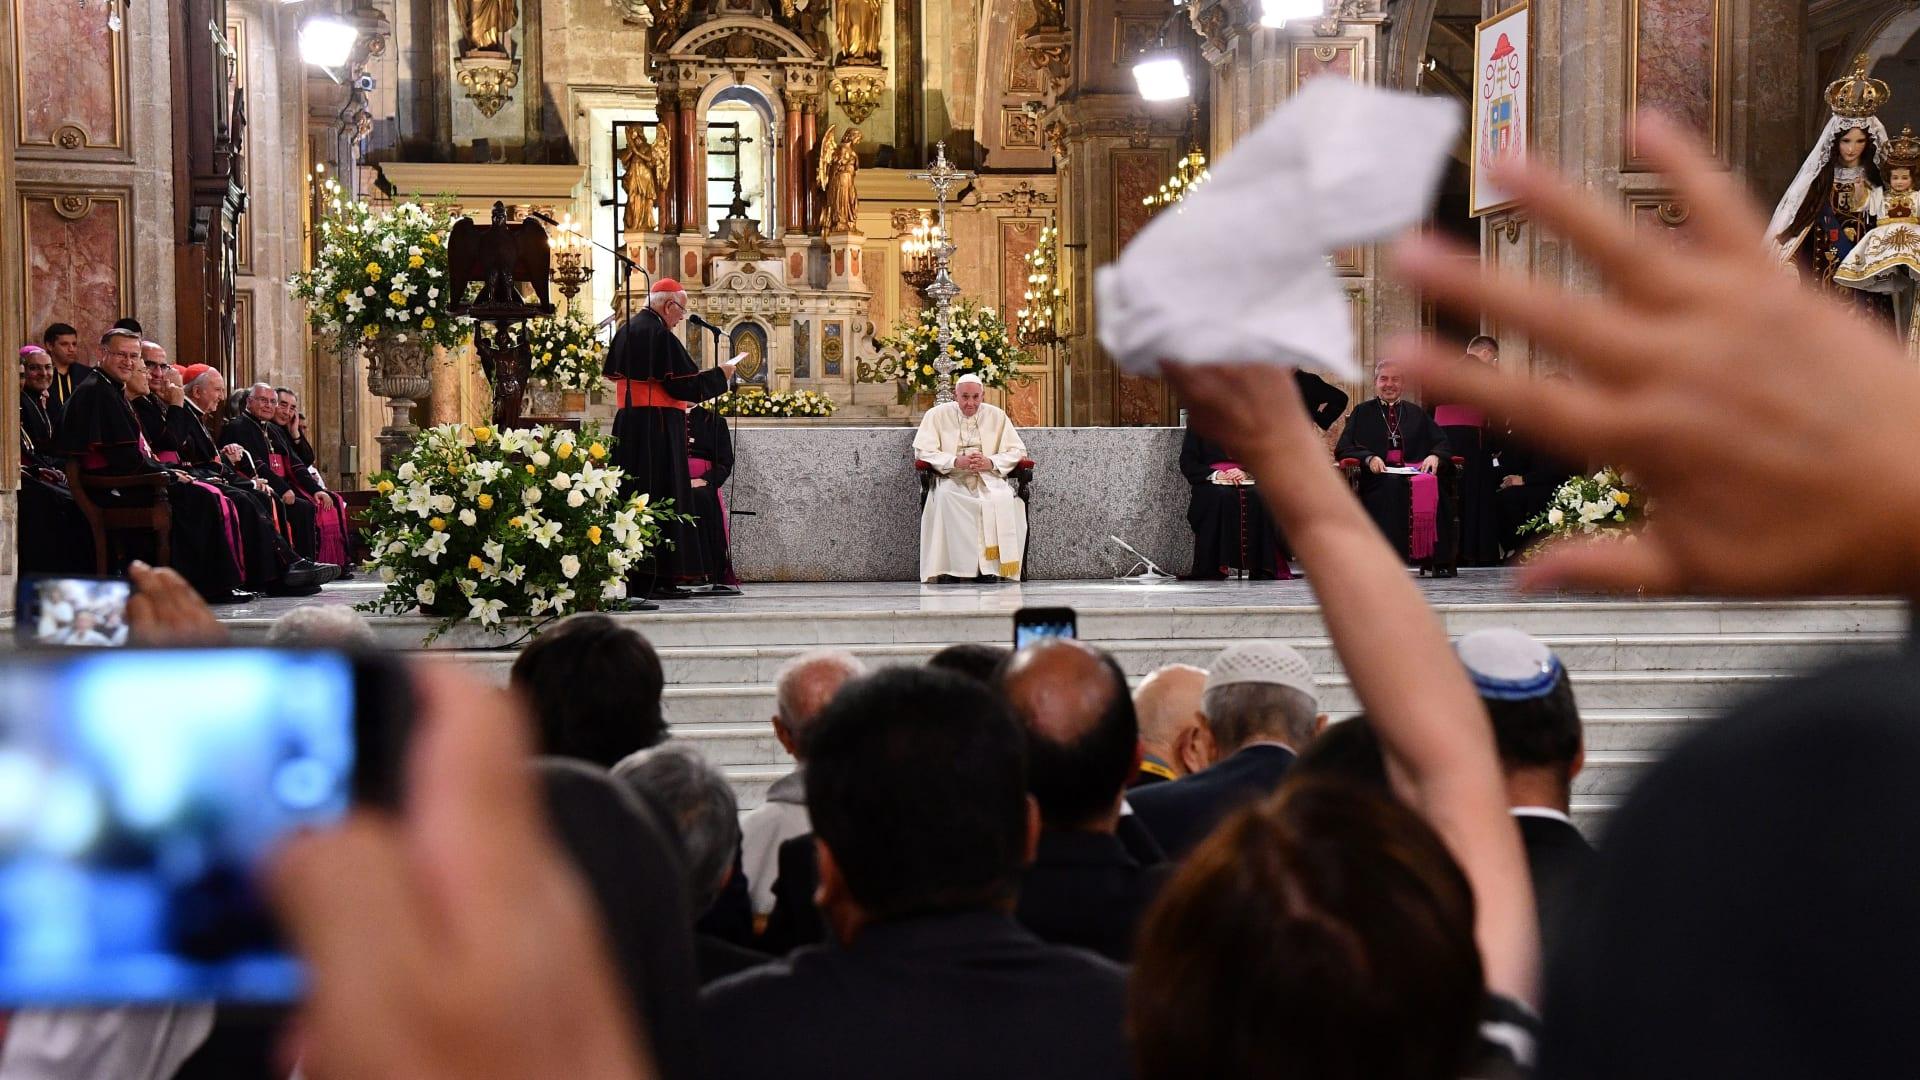 رأي حول الفضائح الجنسية التي تهز الكرسي البابوي: من كان منكم بلا خطيئة فليرمها بحجر